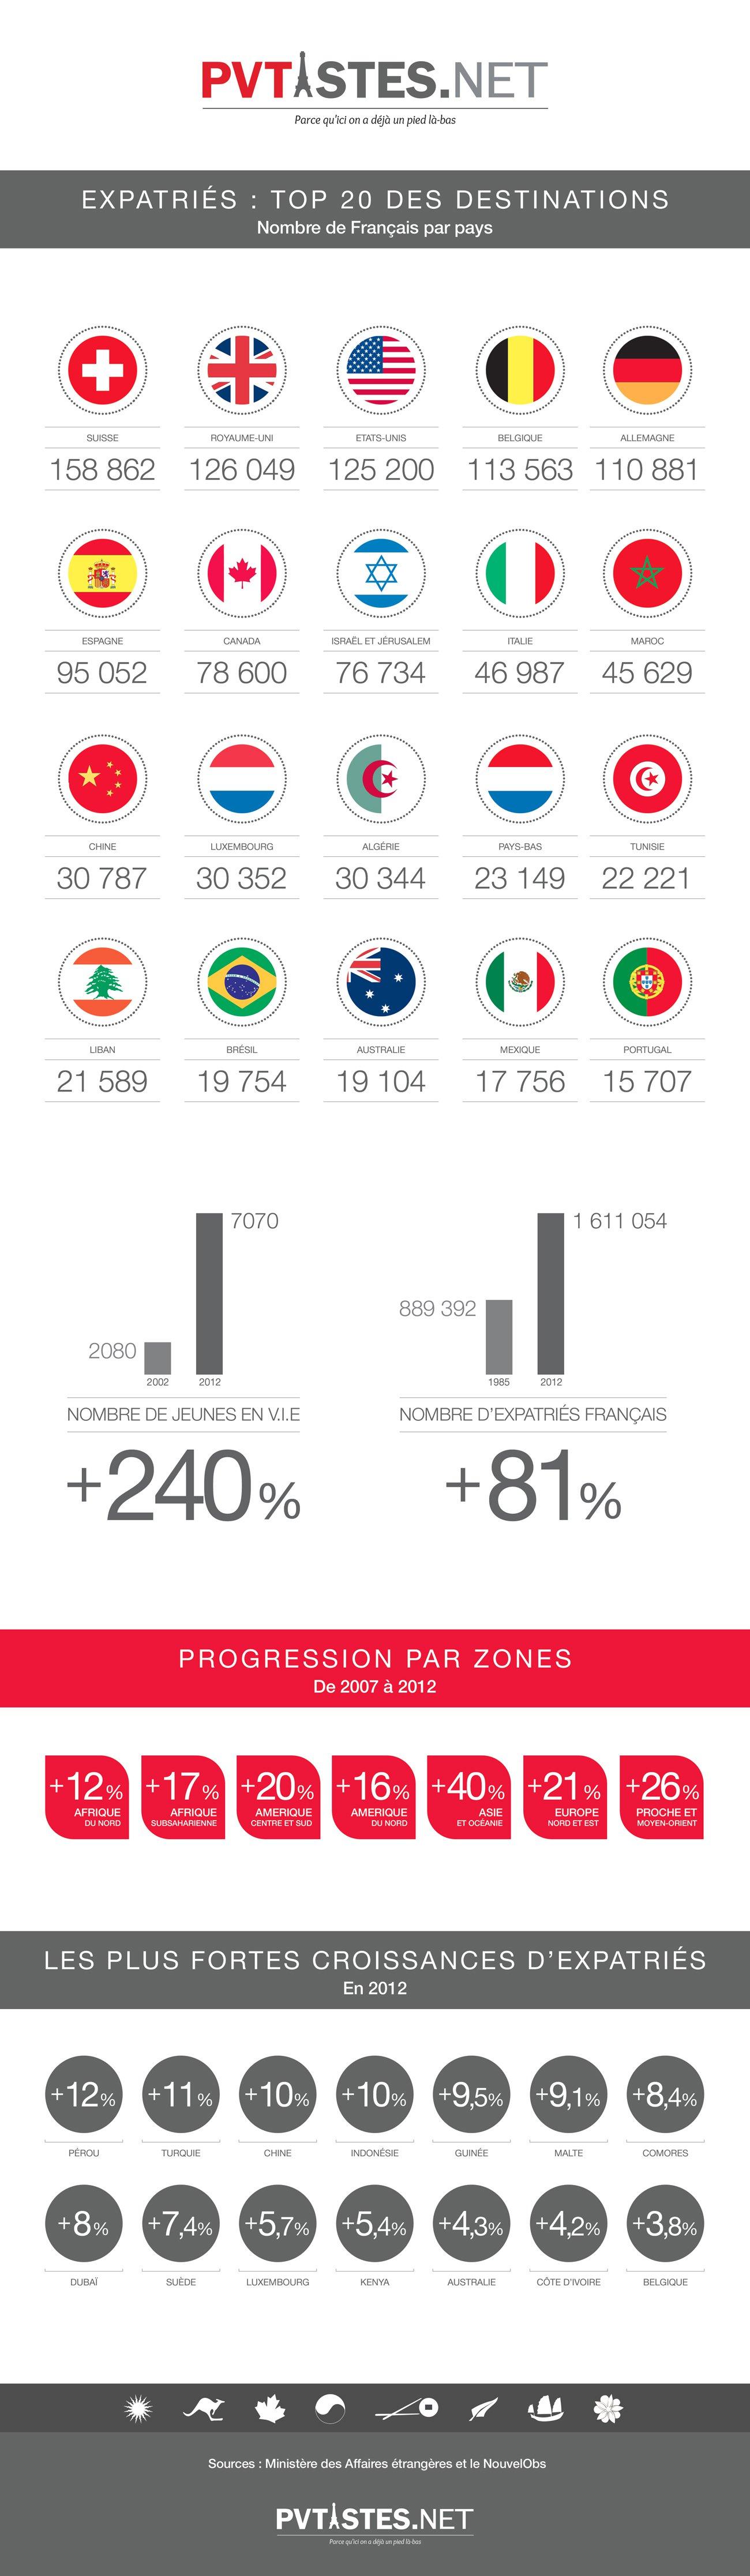 infographie-chiffres-expat